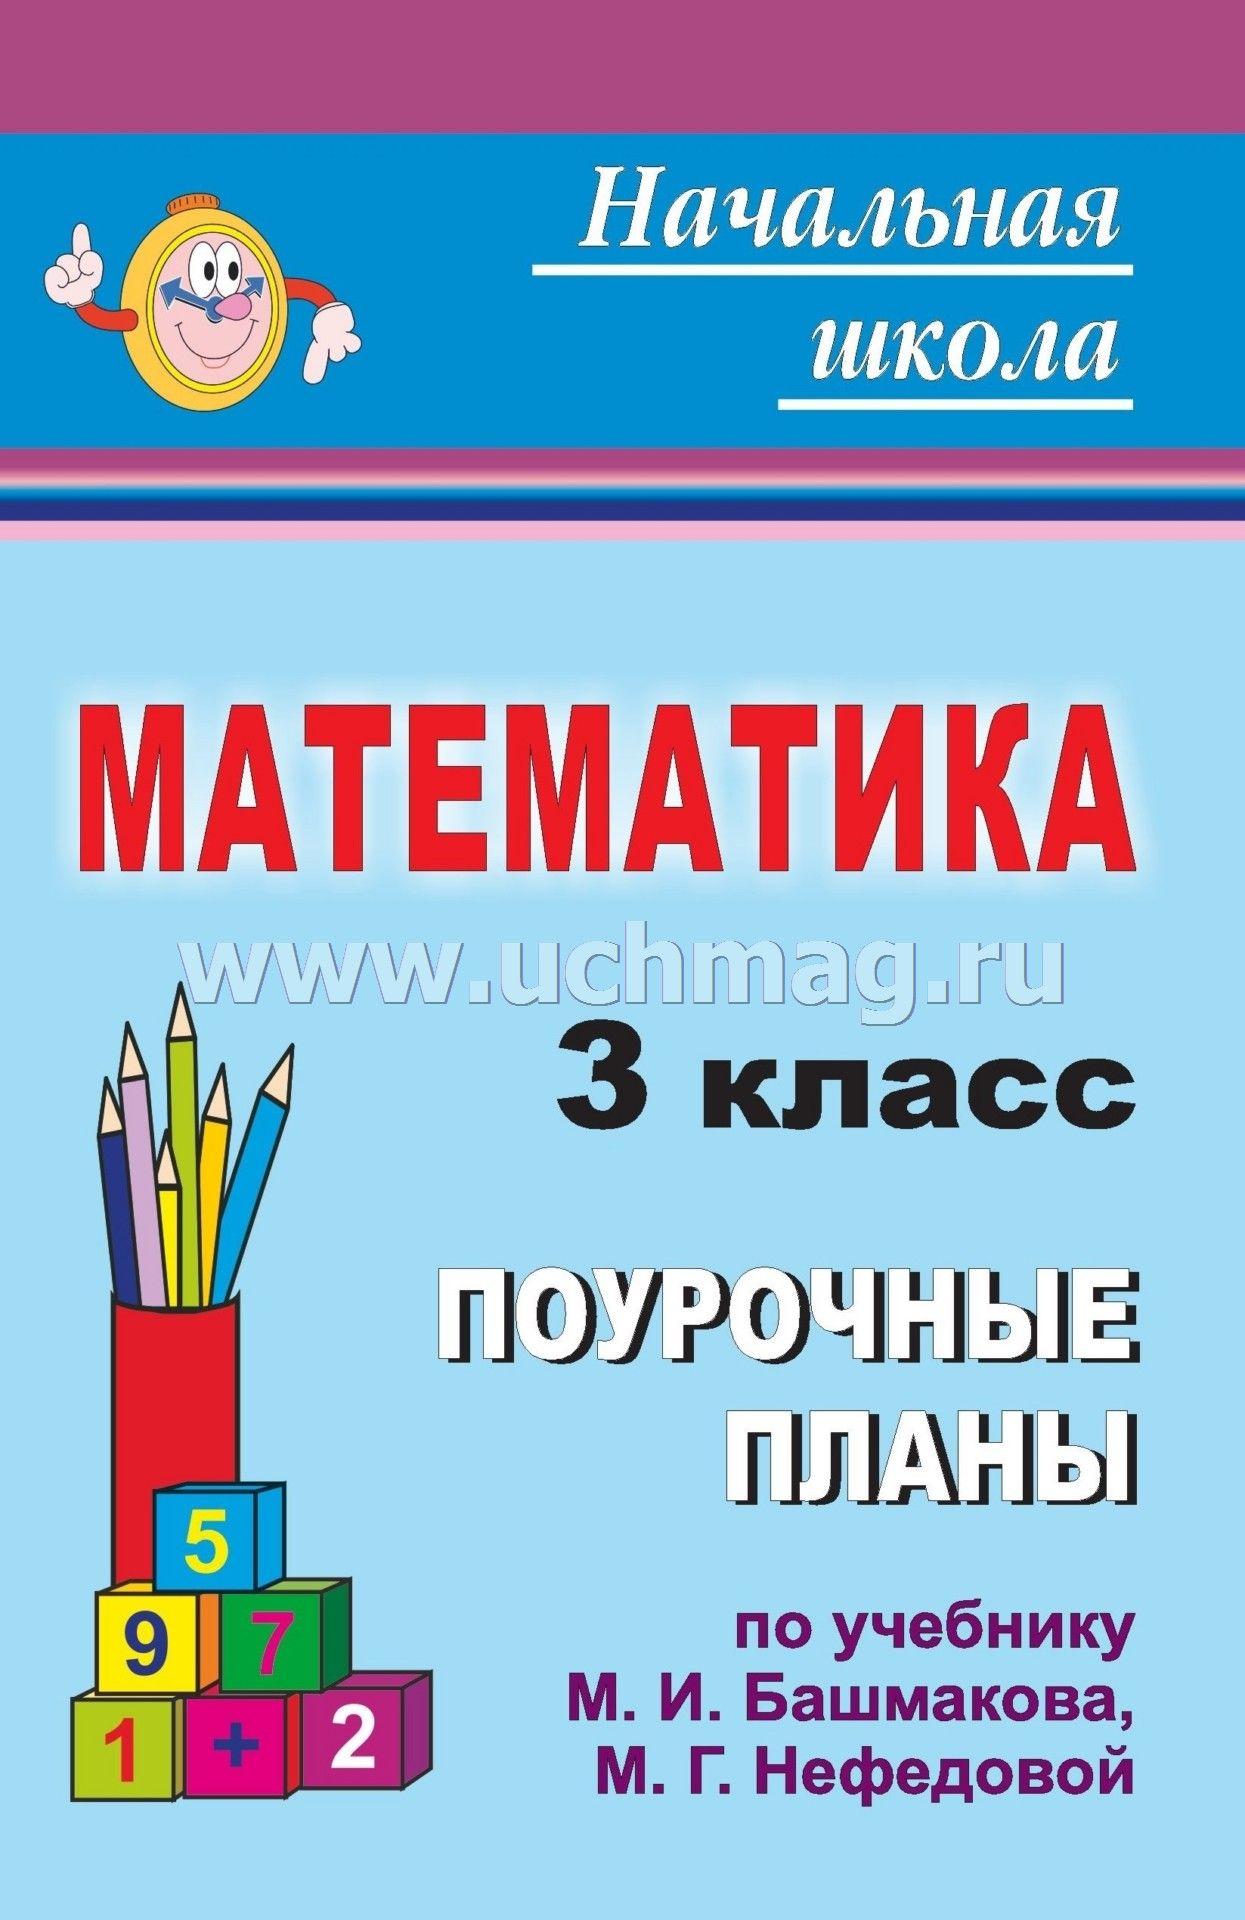 Скачать бесплатно поурочные планы русский язык 3 класс планета знаний